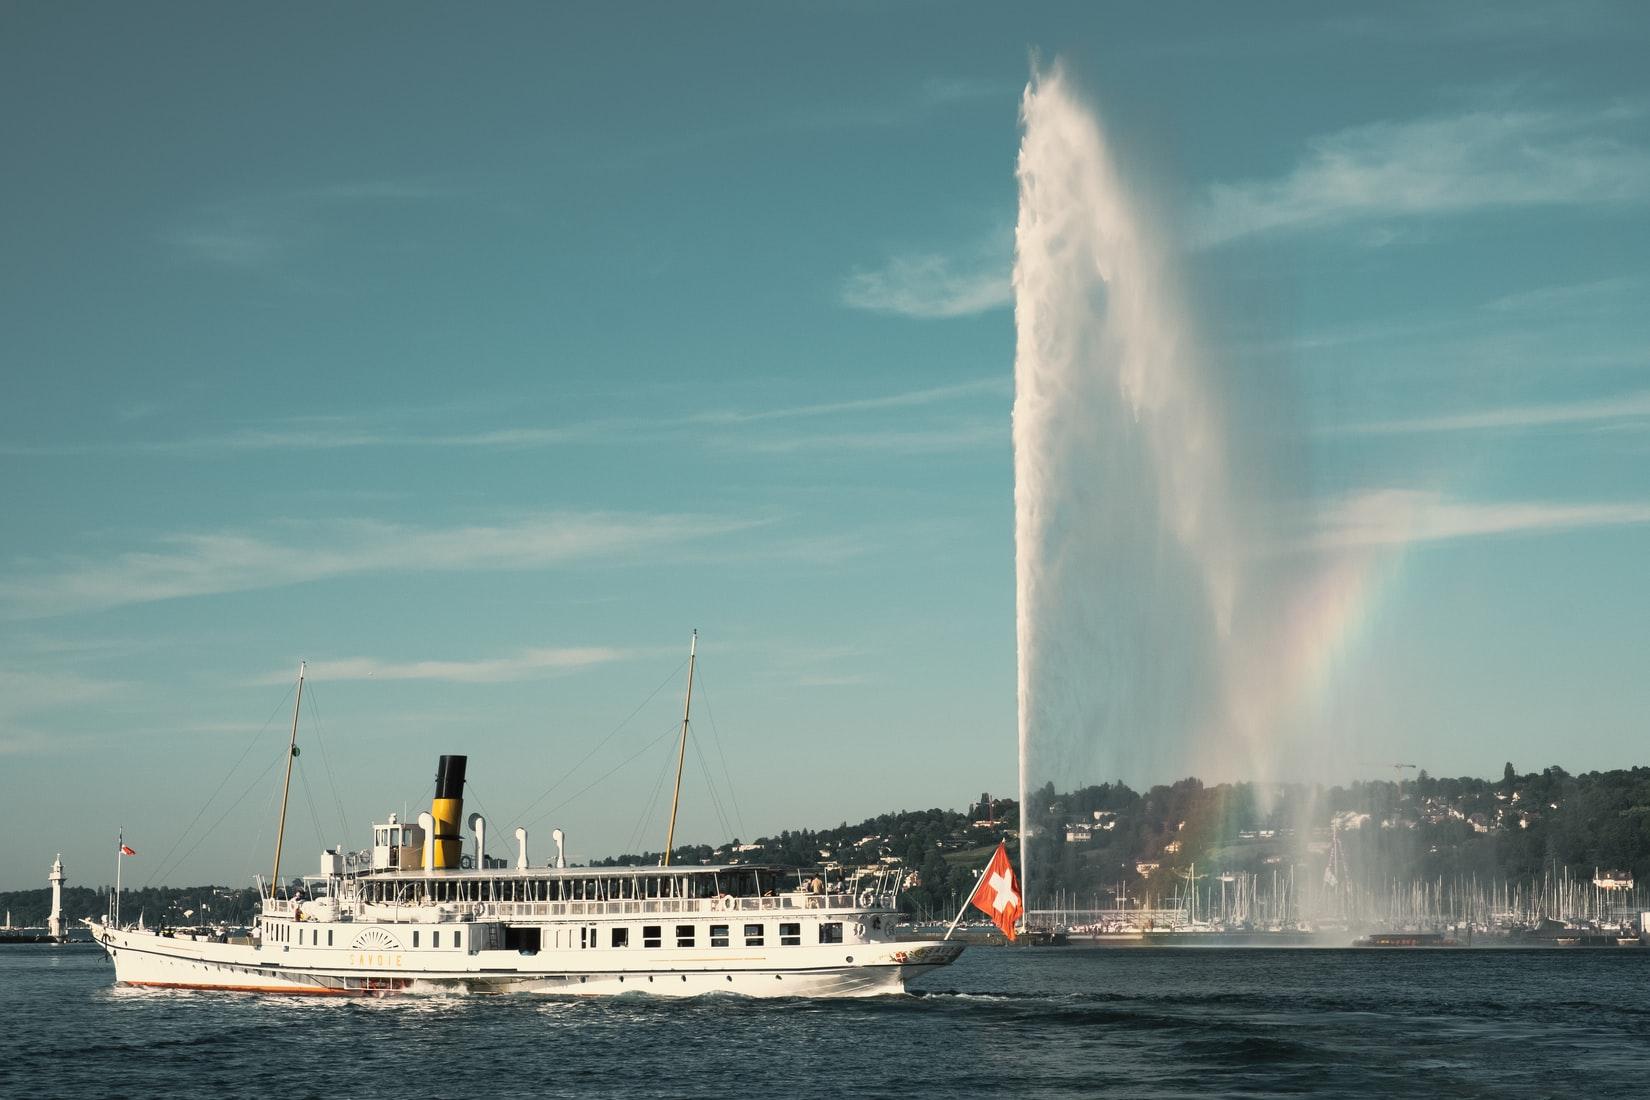 Ausflugsschiff am Jet d'eau auf dem Genfer See in der Schweiz